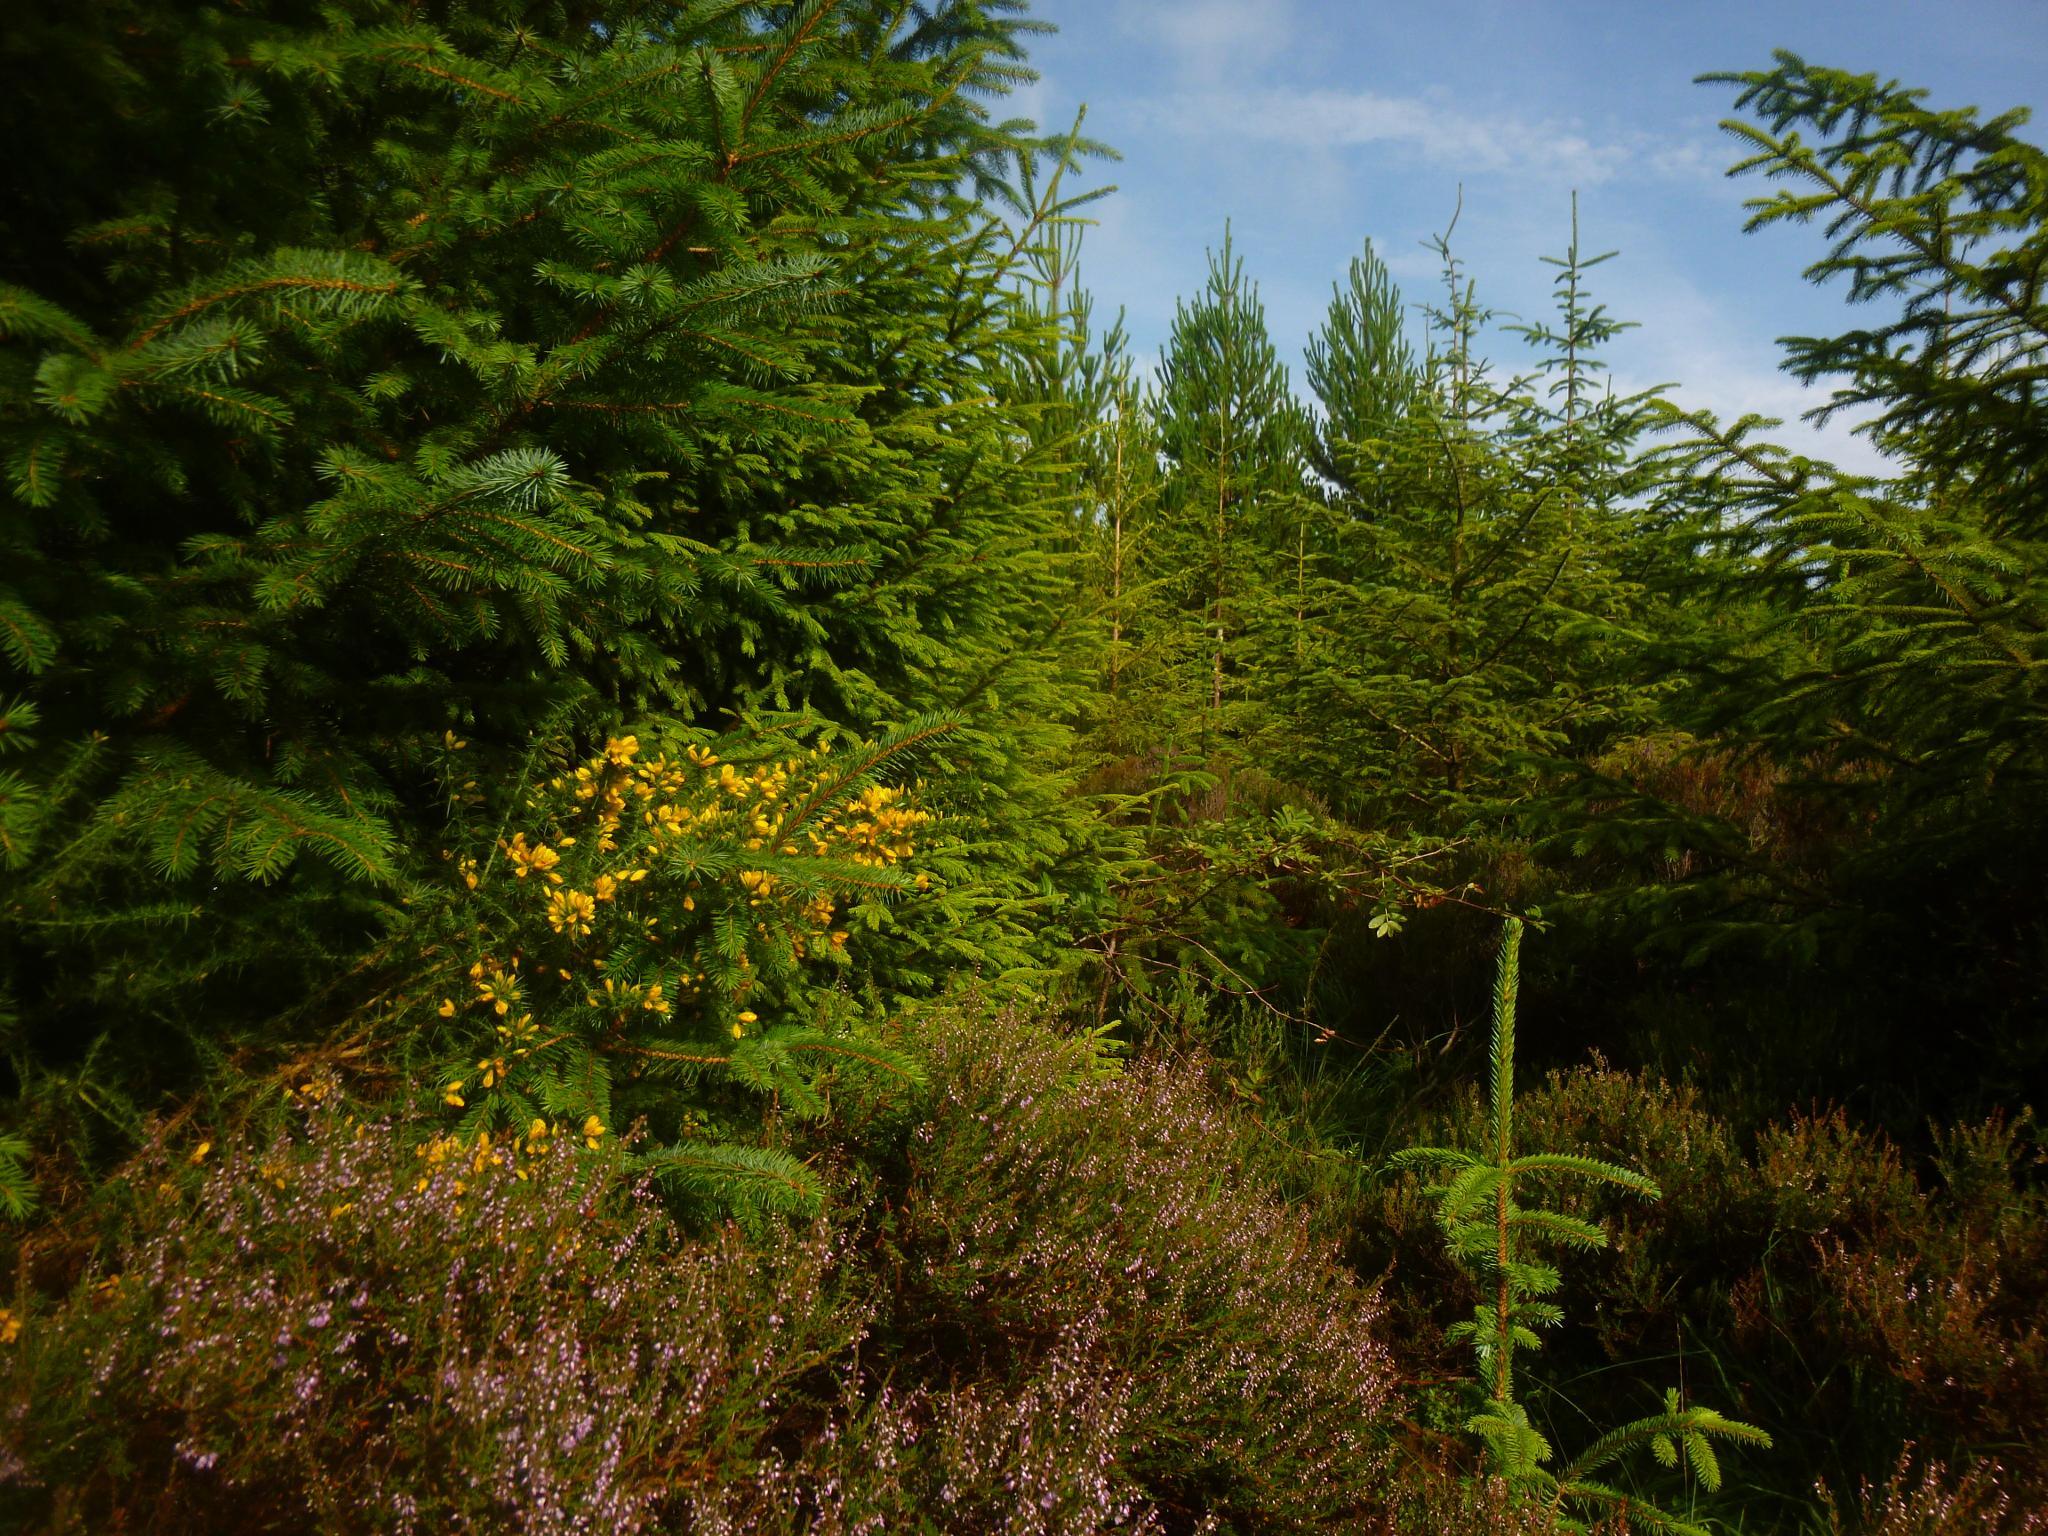 woodland near plwmp by chris.adams.3557